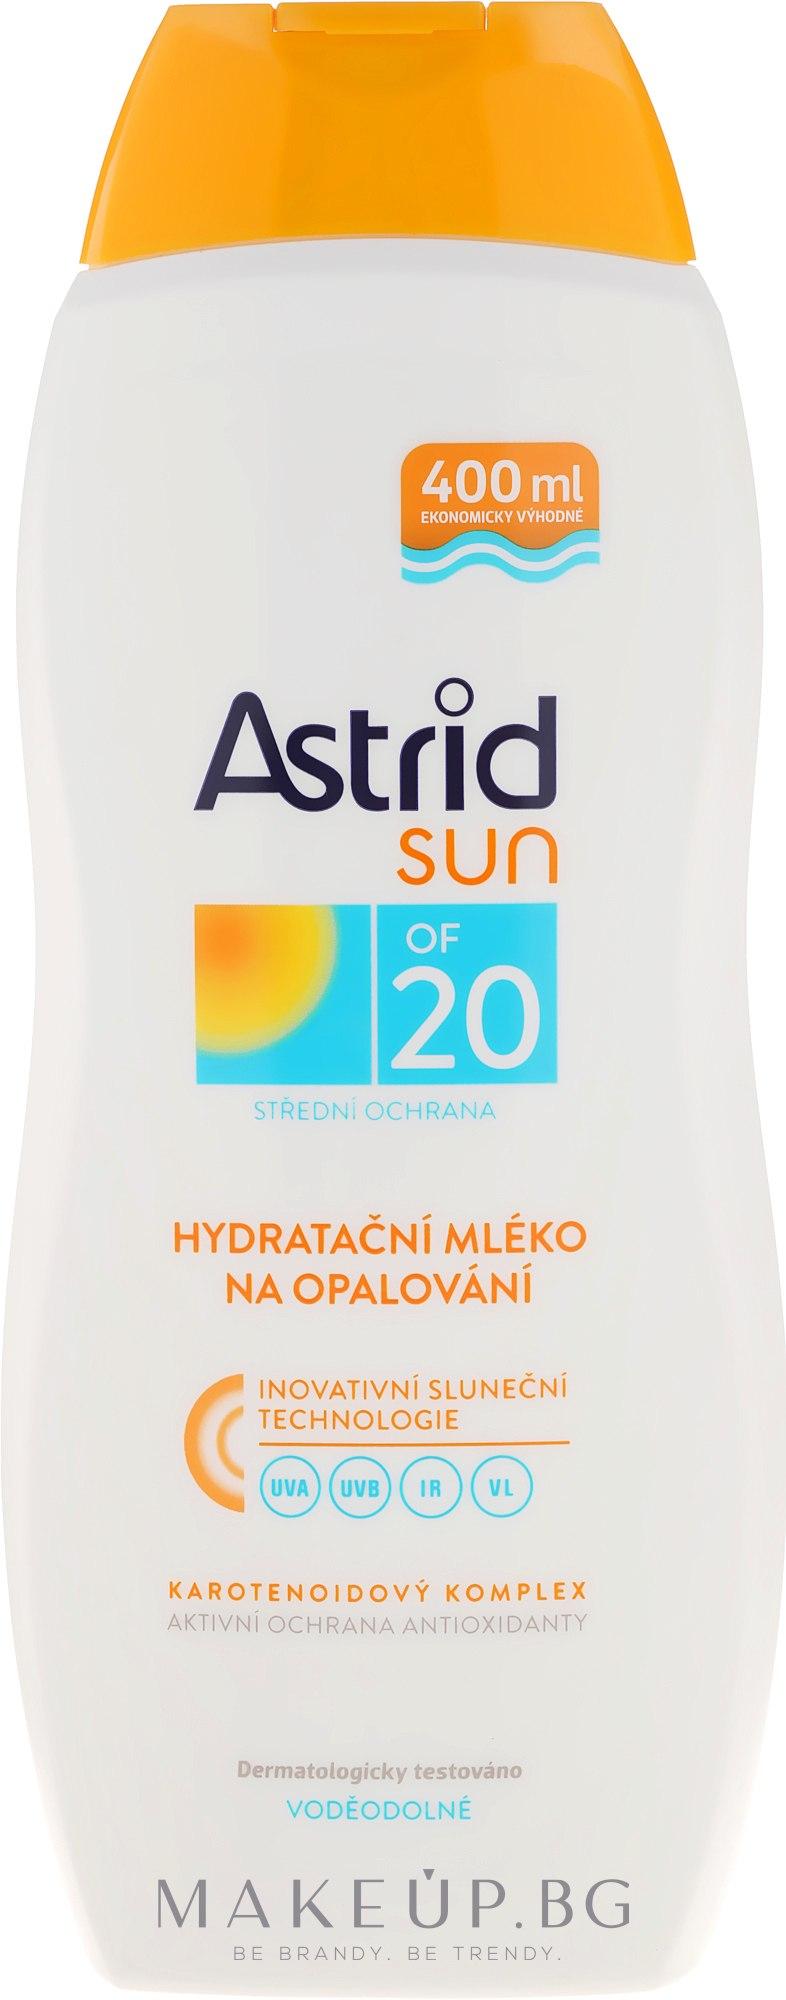 Слънцезащитно овлажняващо мляко SPF 20 - Astrid Sun Moisturizing Suncare Milk — снимка 400 ml